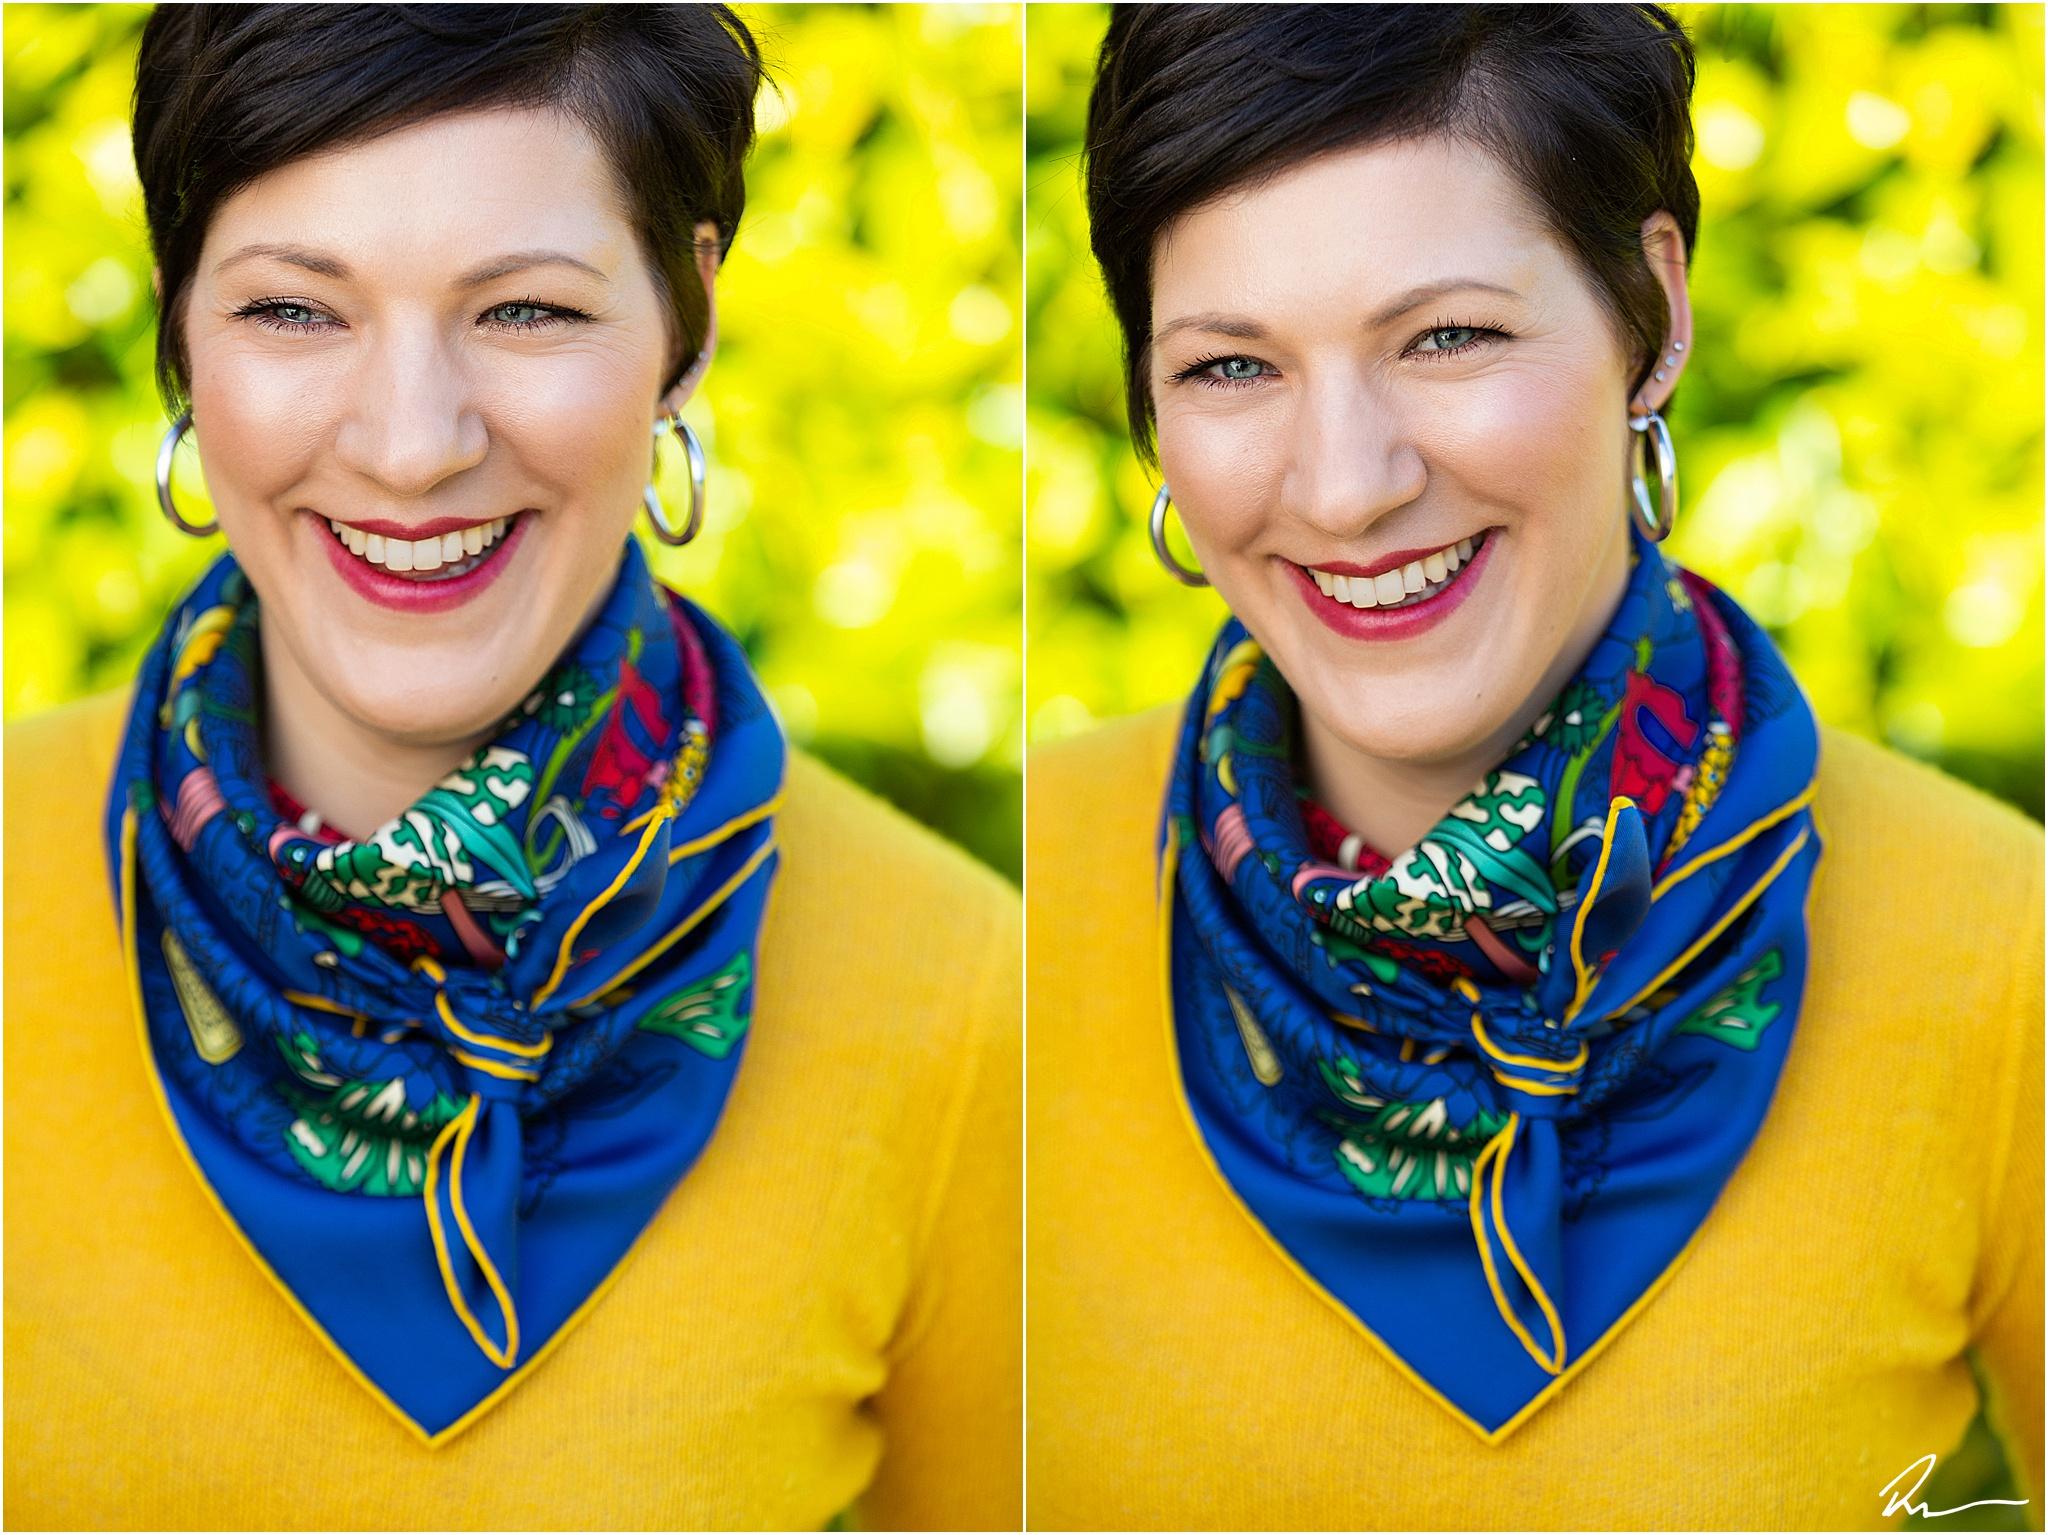 personal-brand-photographer-suffolk-ross-dean